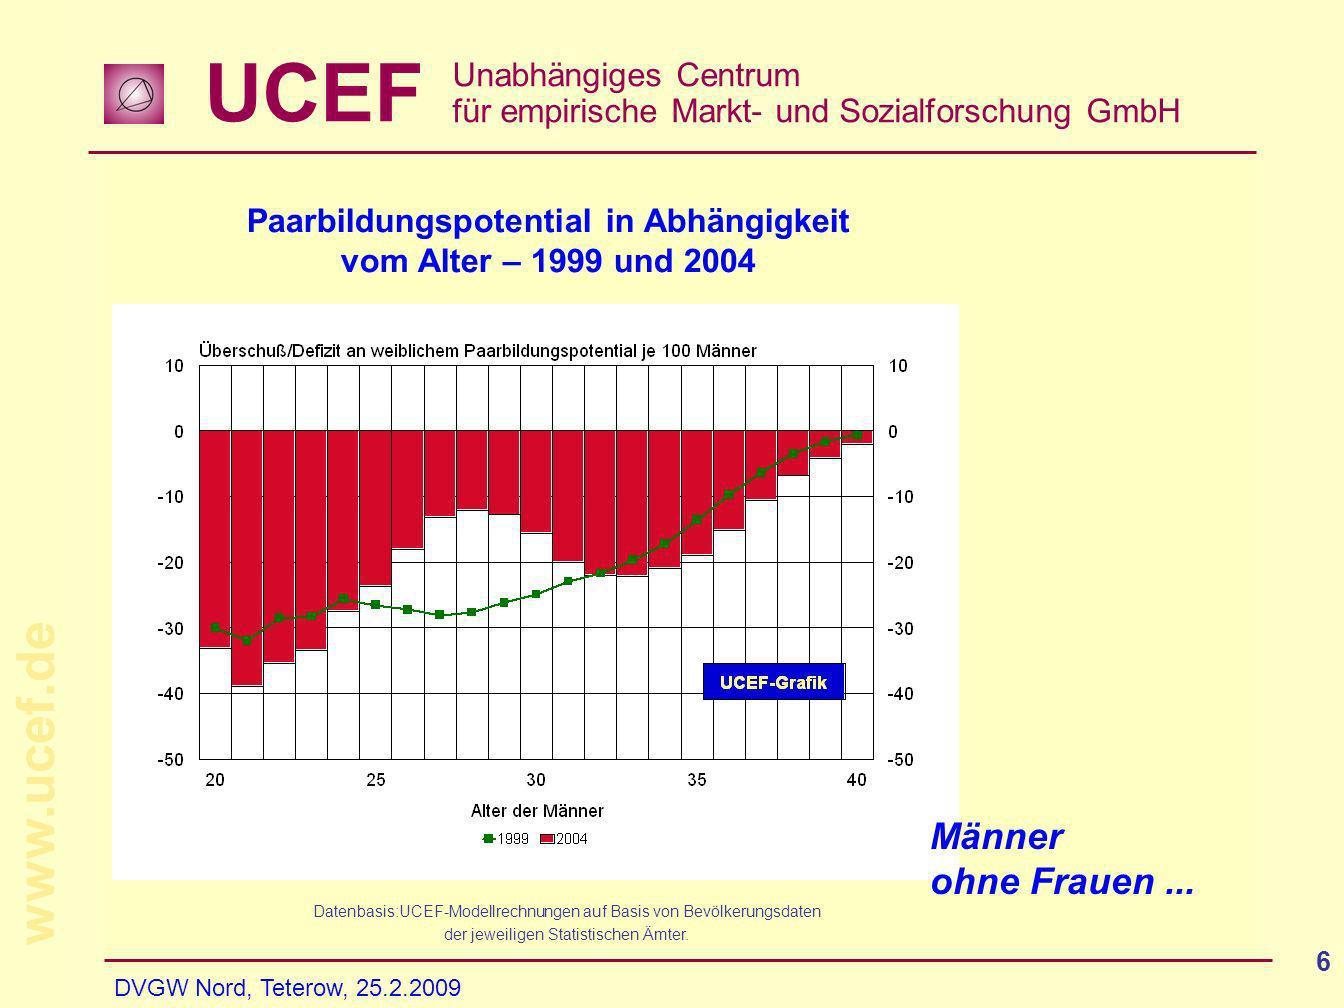 UCEF Unabhängiges Centrum für empirische Markt- und Sozialforschung GmbH www.ucef.de DVGW Nord, Teterow, 25.2.2009 6 Männer ohne Frauen...